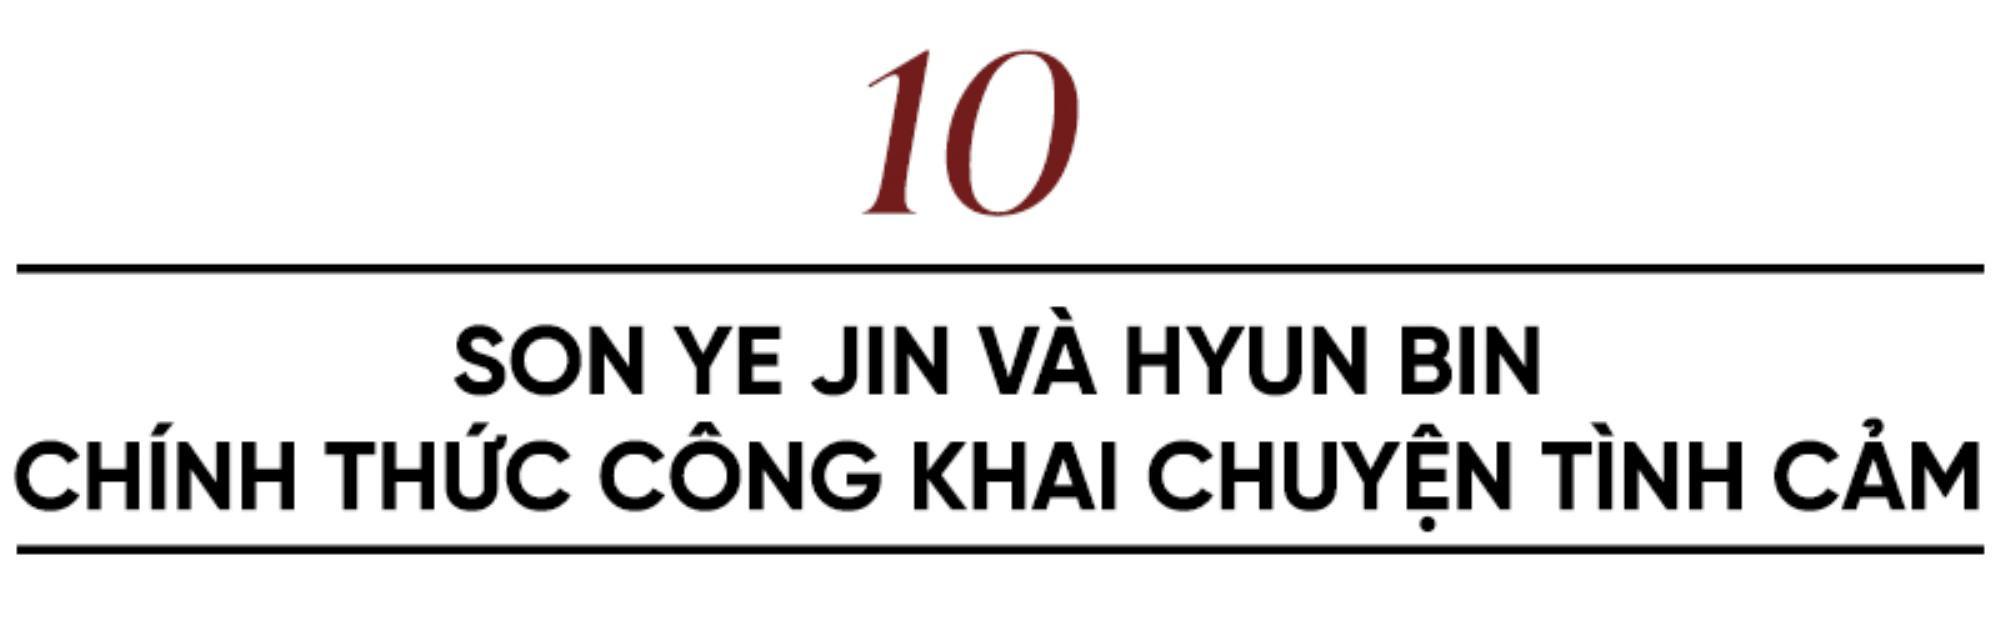 10 sự kiện gây chấn động showbiz Hoa Ngữ nửa đầu năm 2021: Chẳng có gì bất ngờ bằng scandal Trịnh Sảng Ảnh 19